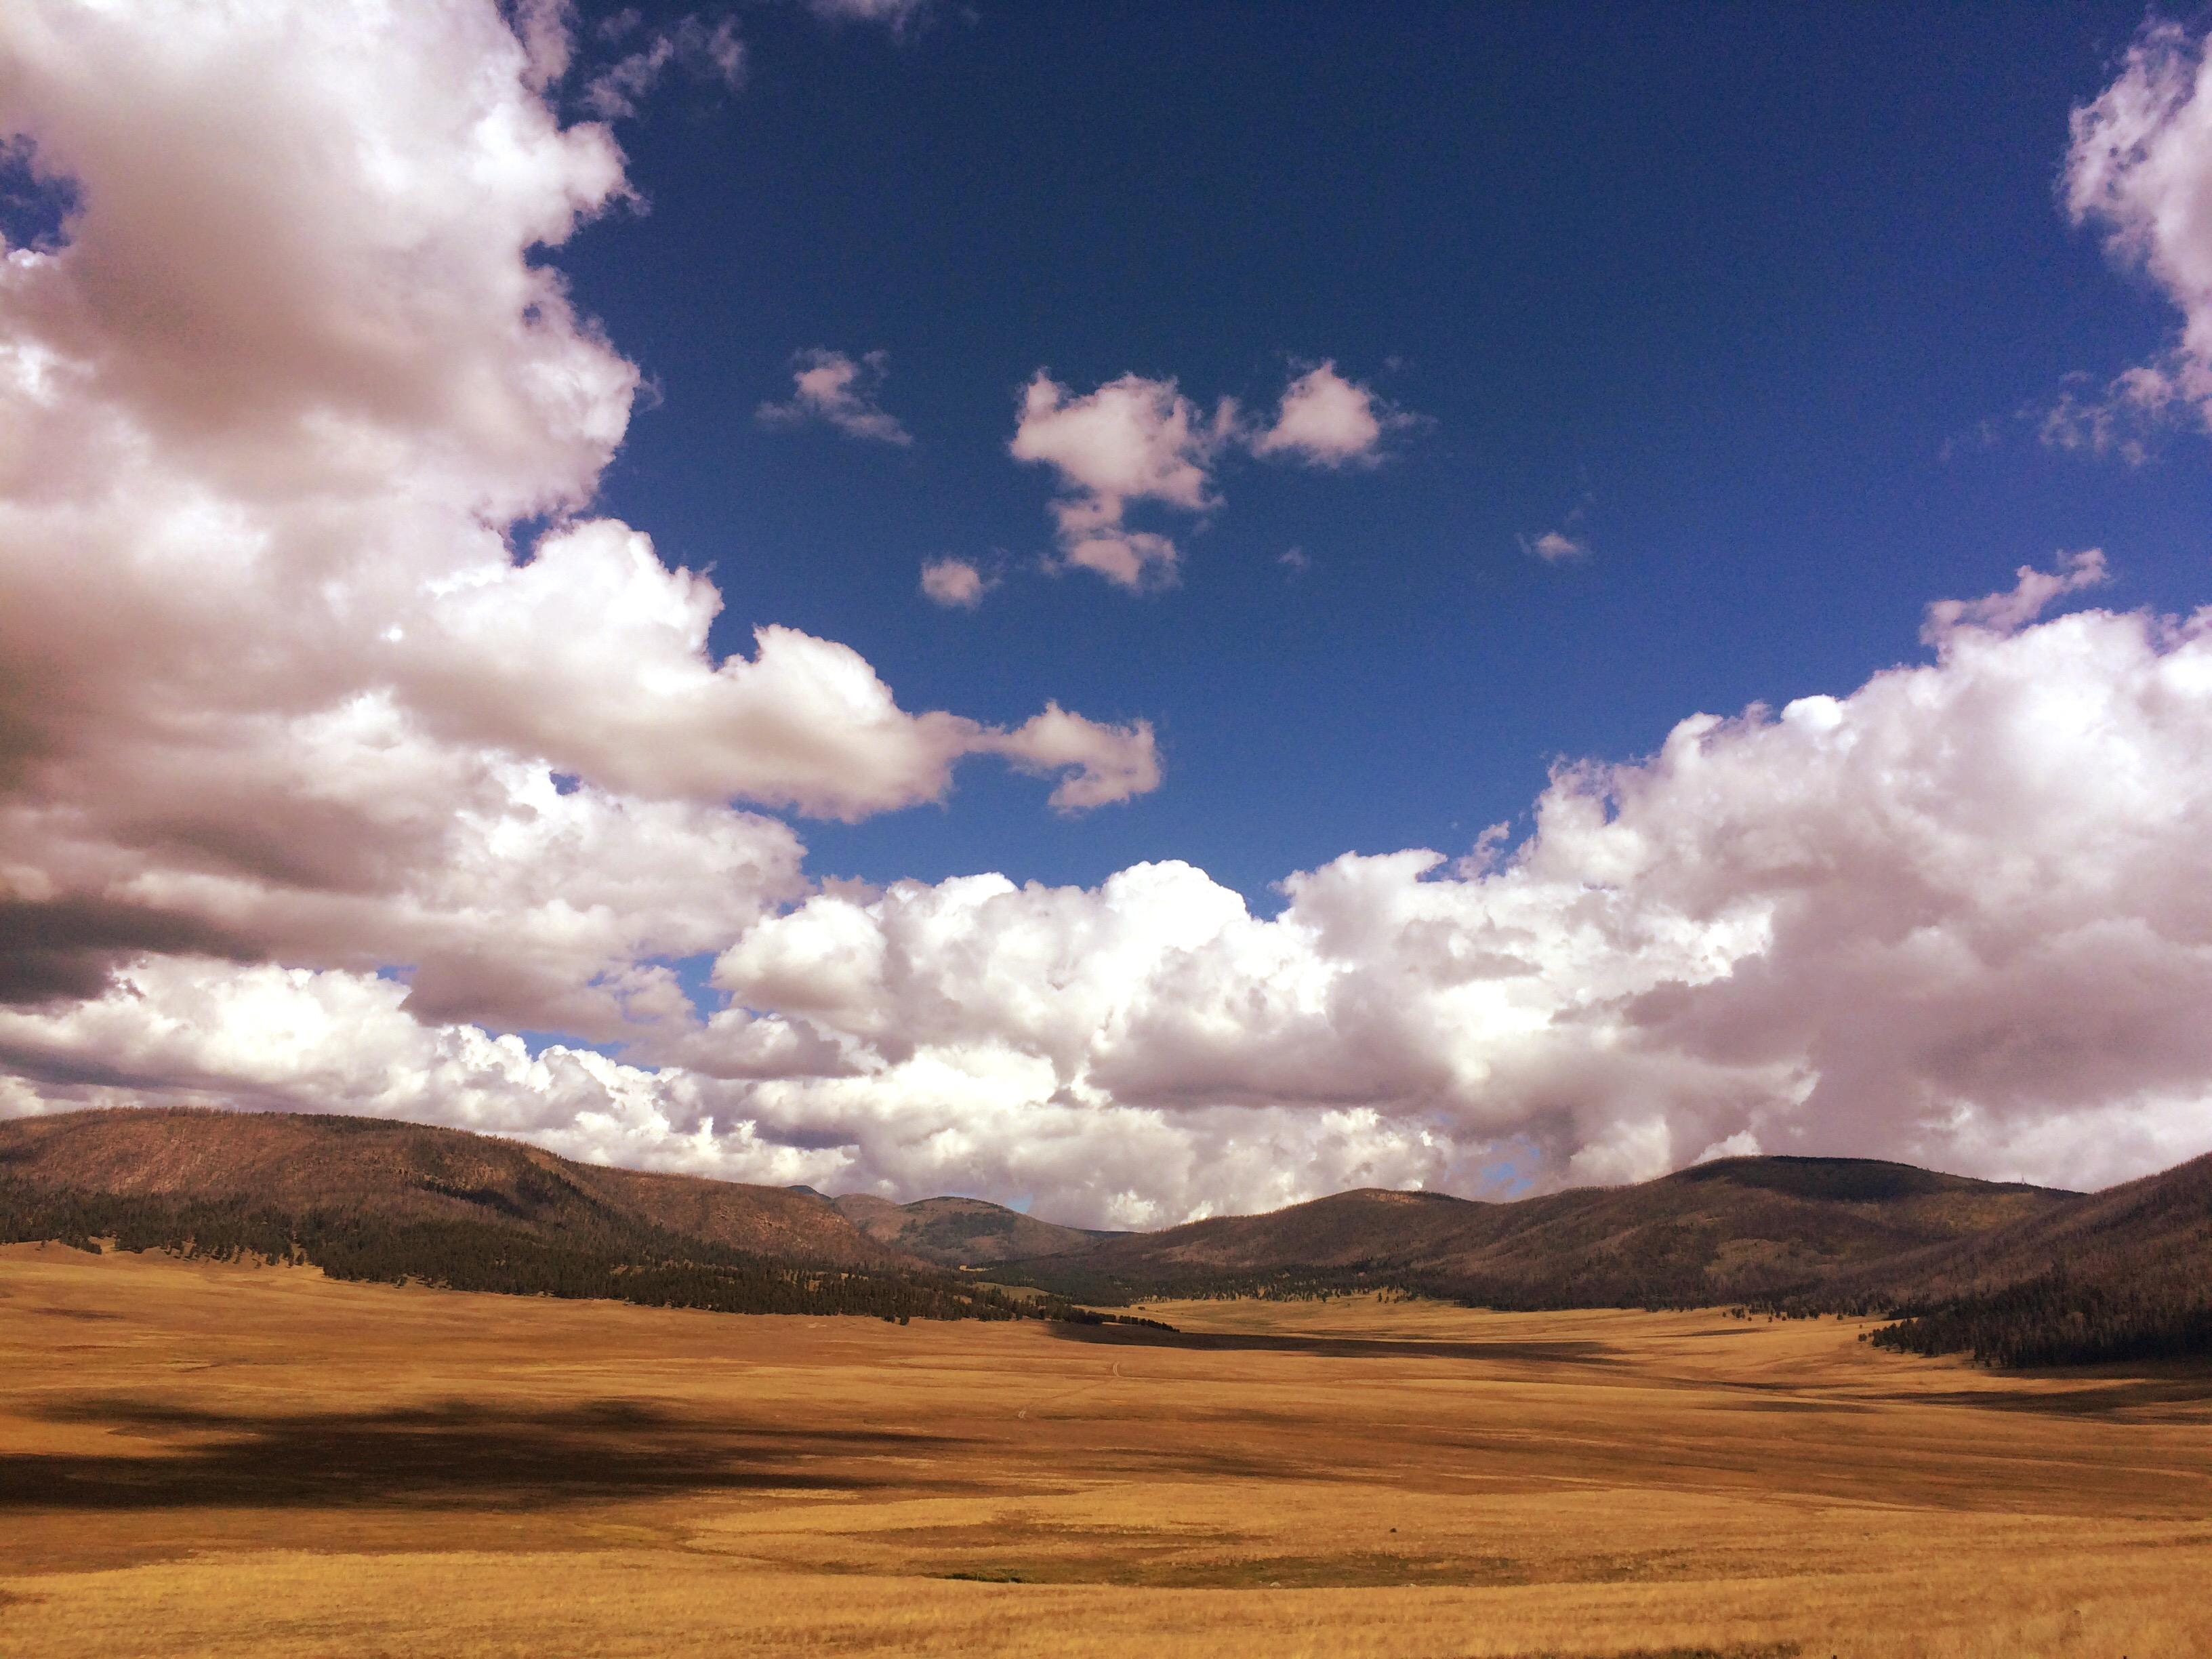 Artesano Valley